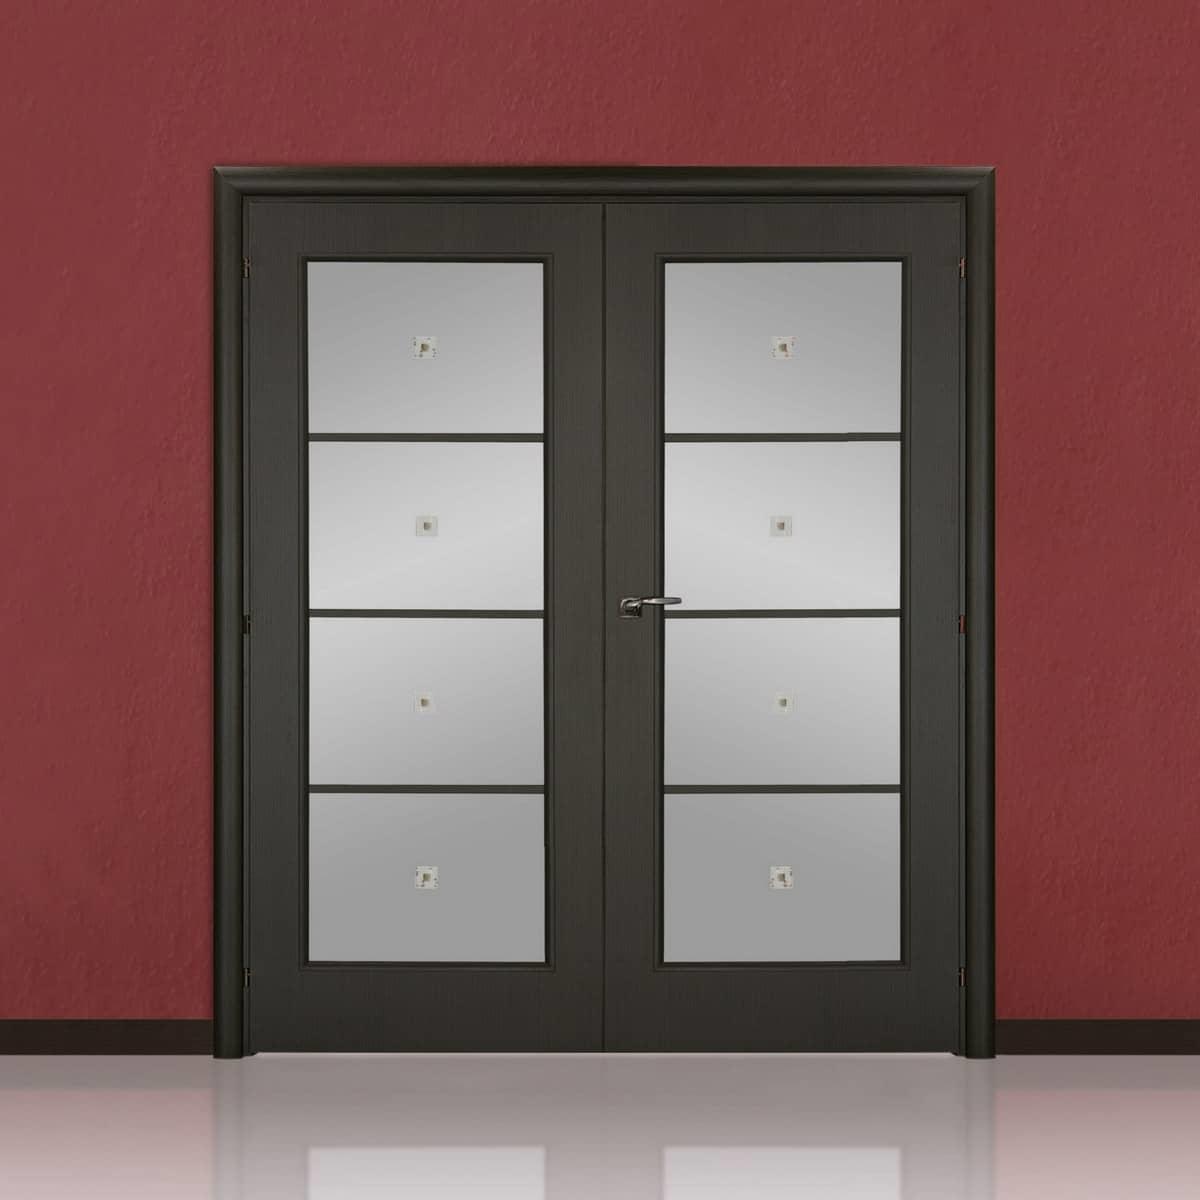 На сегодняшний день существует большой ассортимент двустворчатых дверей для зала - выбрать подходящие не составит особого труда